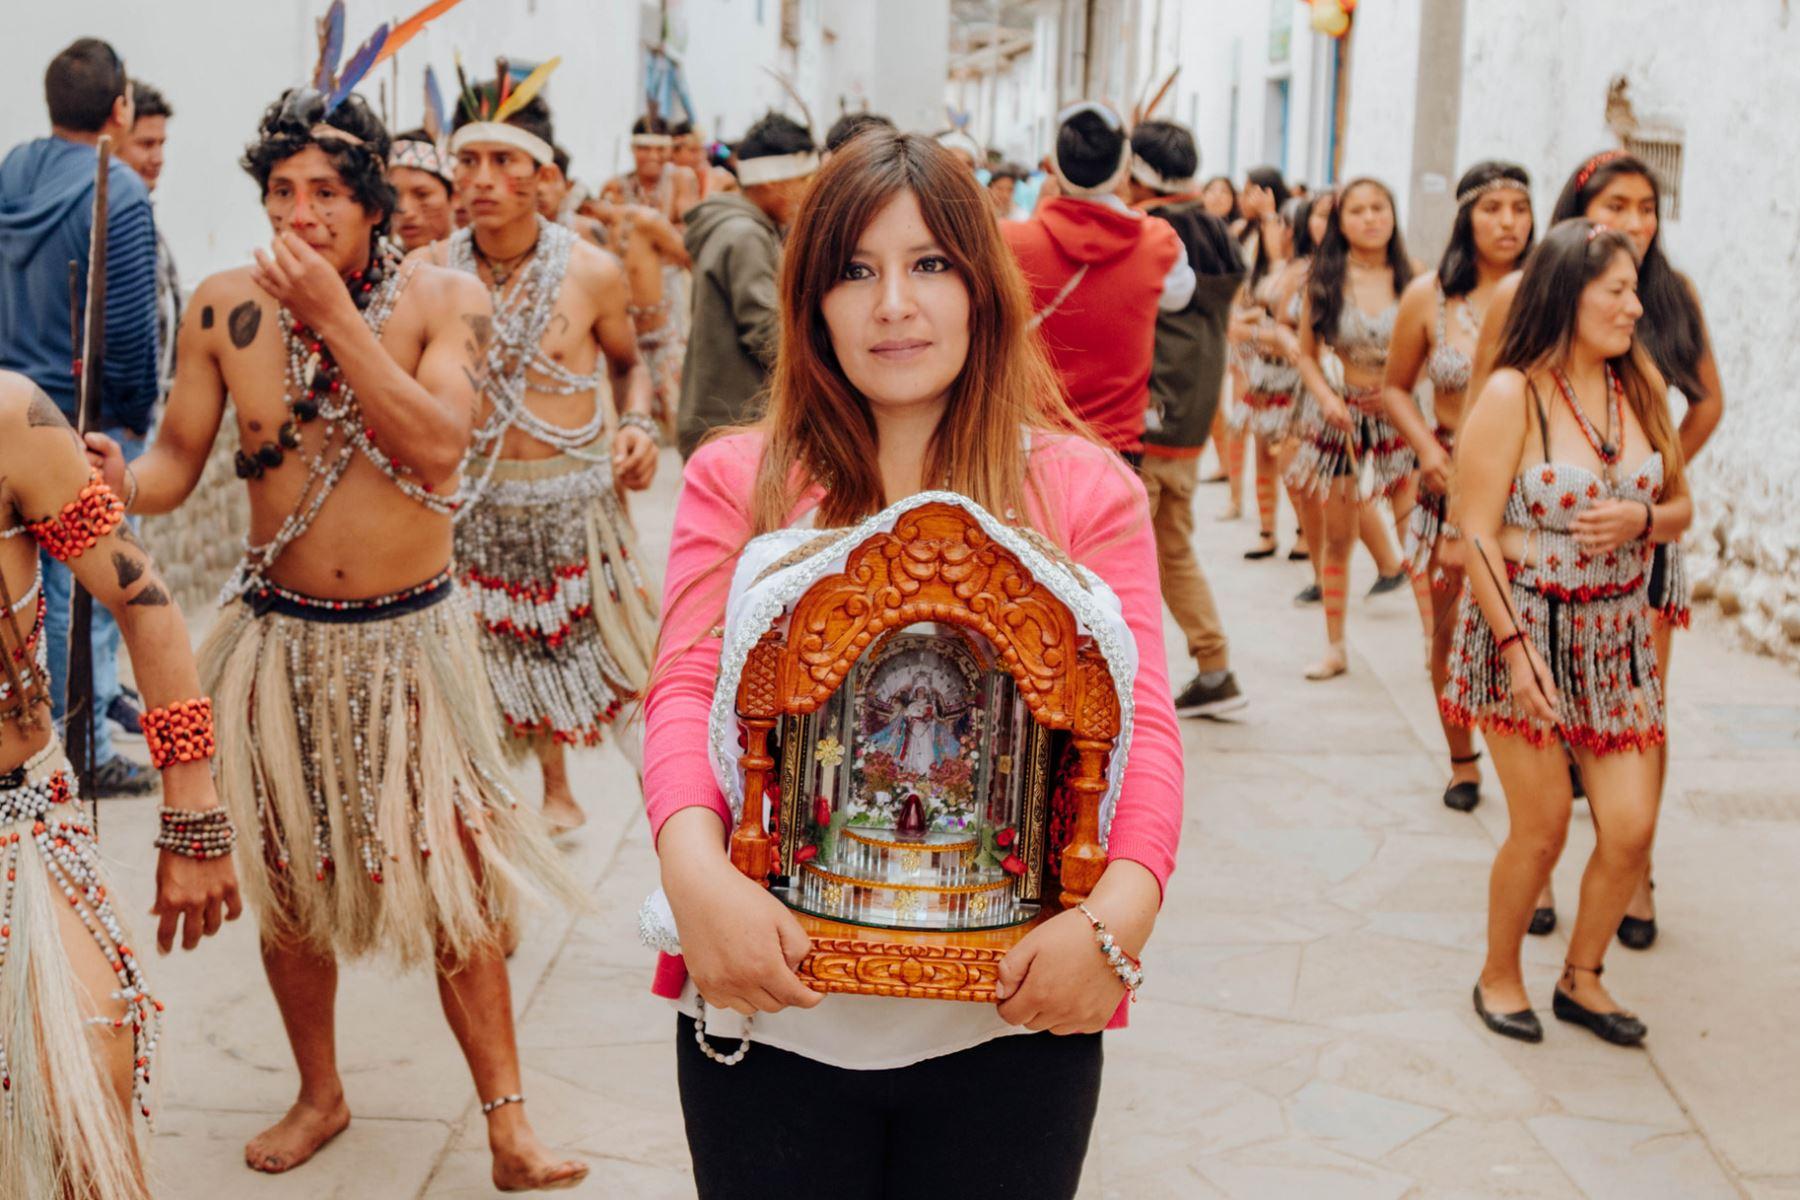 Fieles como visitantes, que hoy disfrutan del feriado, gozan de la cultura religiosa y cultural de Paucartambo.  Foto: ANDINA/Percy Hurtado Santillán